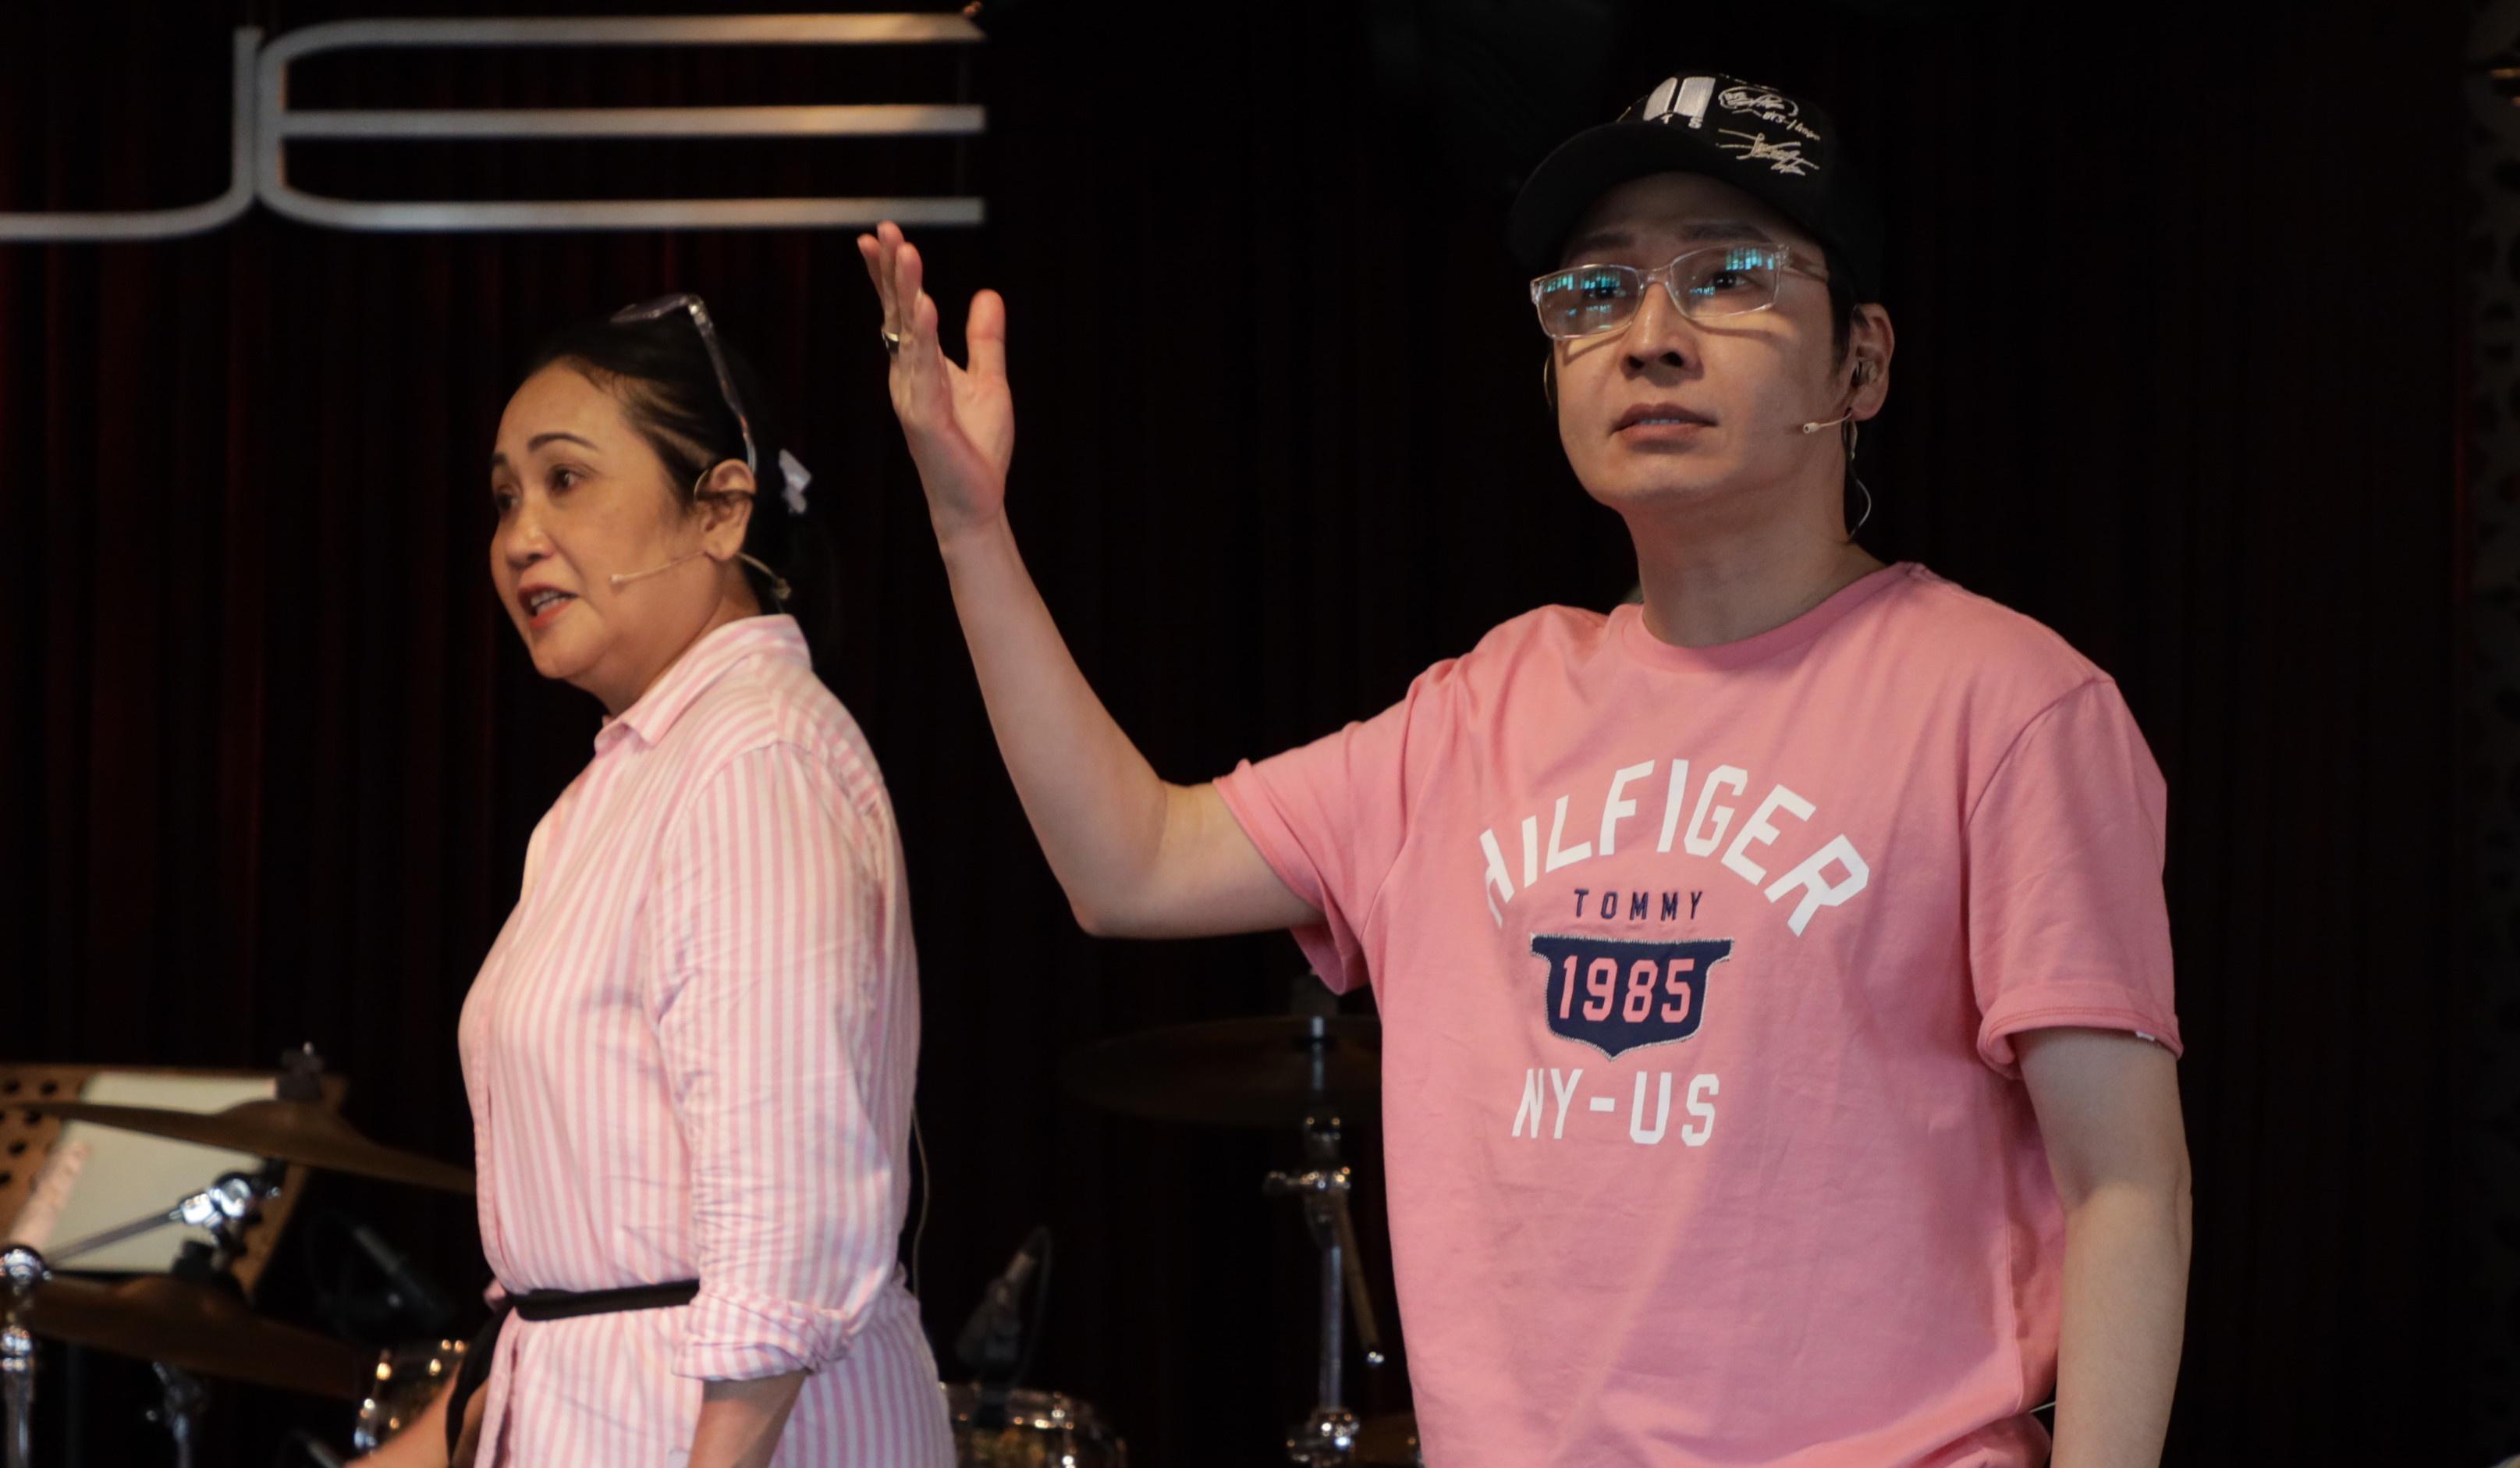 Thanh Hằng, Thoại Mỹ và dàn nghệ sĩ hội ngộ Ảnh 5